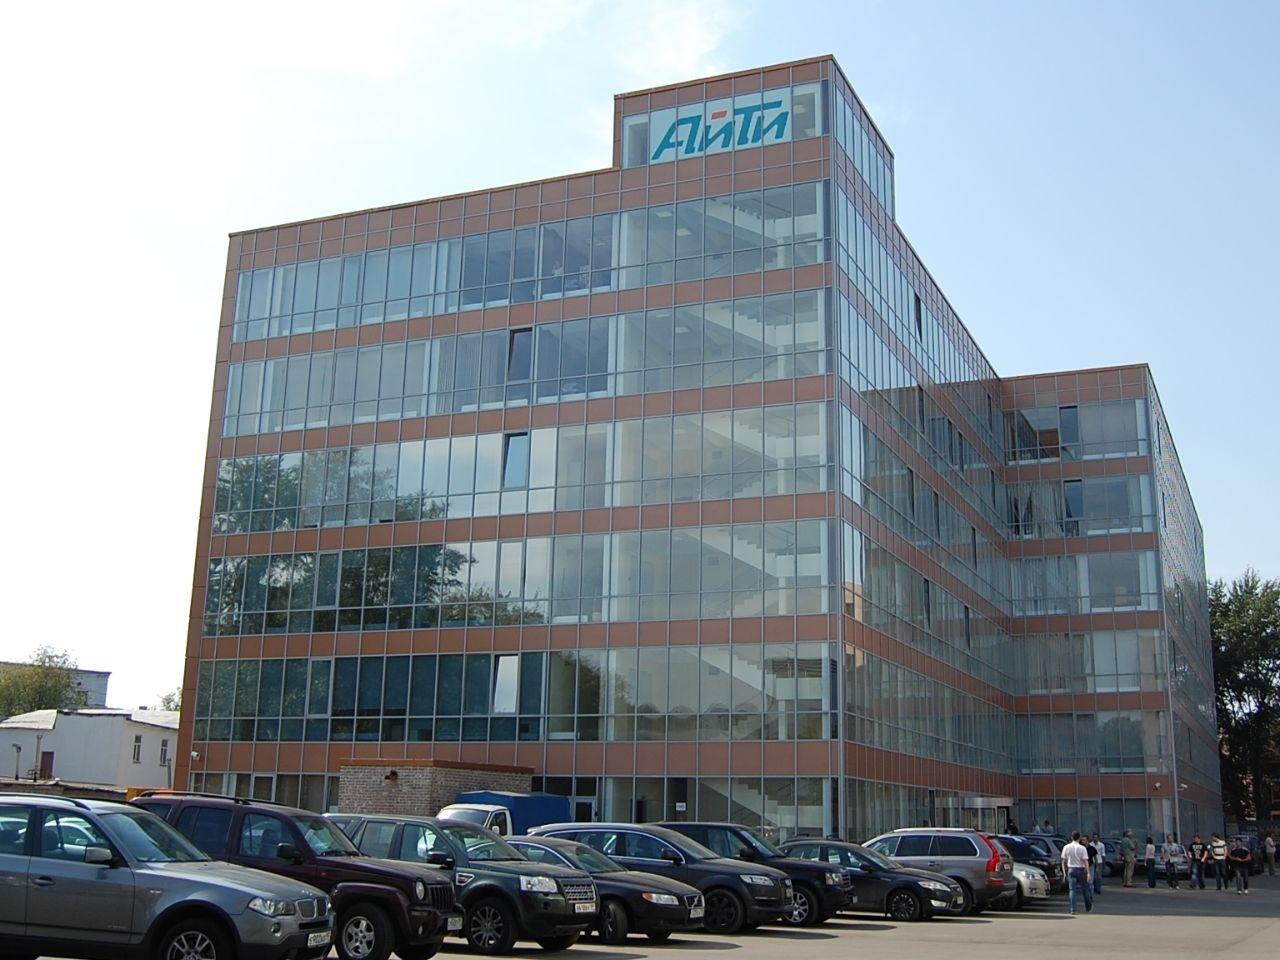 аренда помещений в БЦ Омега Плаза (Omega Plaza) (19с6)